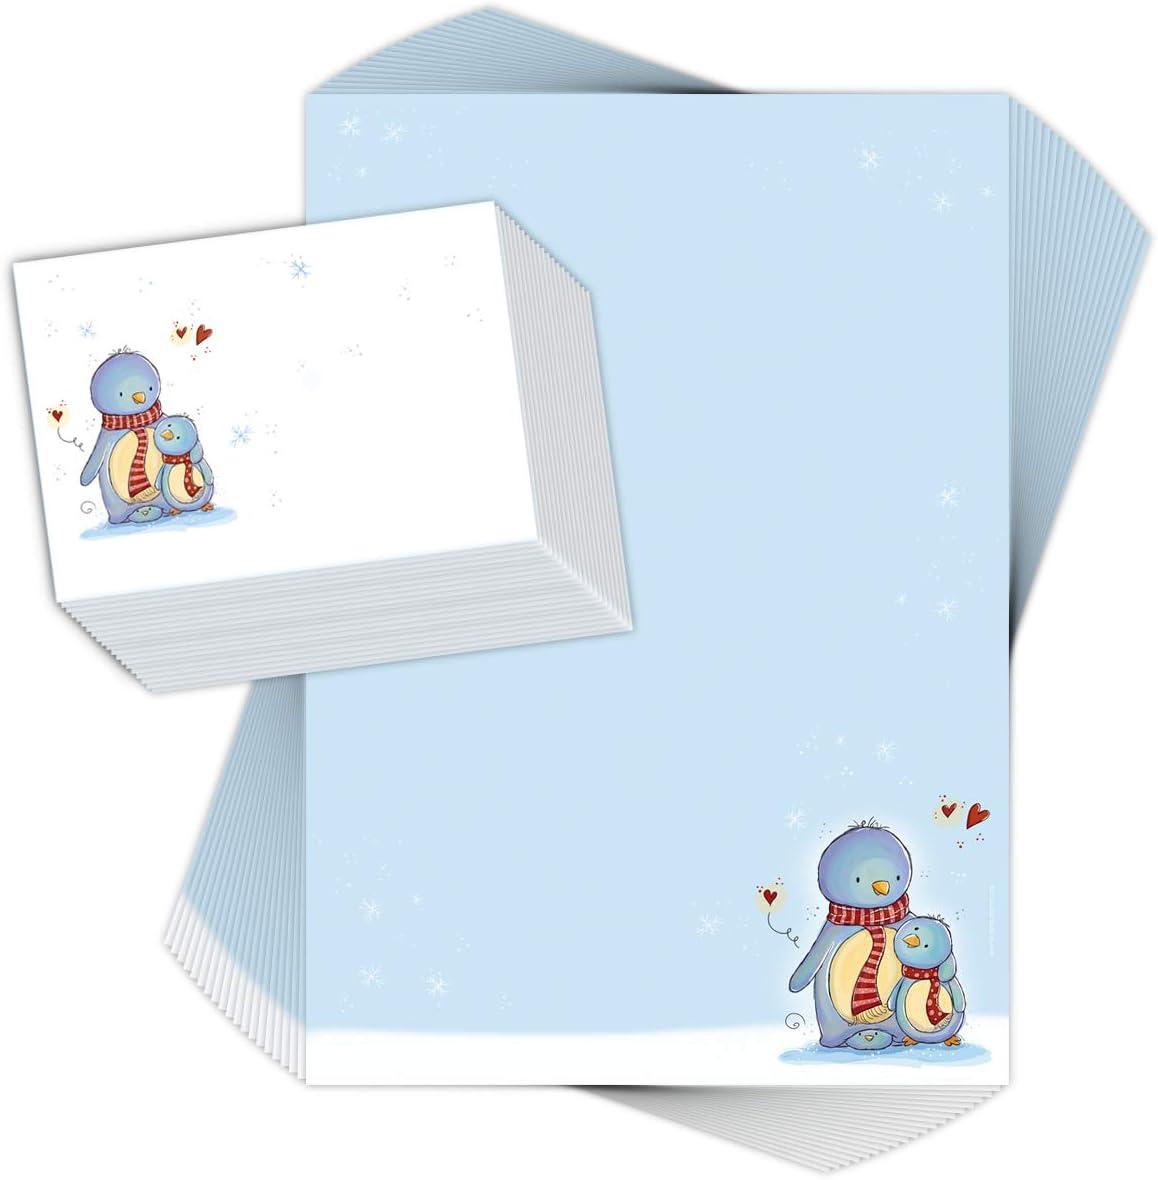 Avec 20 enveloppes Lot de 20 feuilles de papier /à lettre pour enfants Motif pingouine Papier /à lettre de No/ël pour enfant//No/ël Format A4